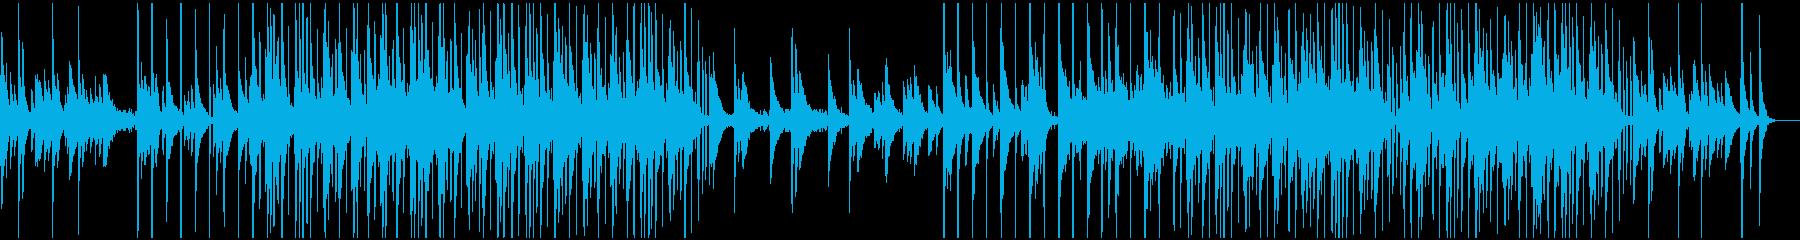 和風のインストヒップホップの再生済みの波形